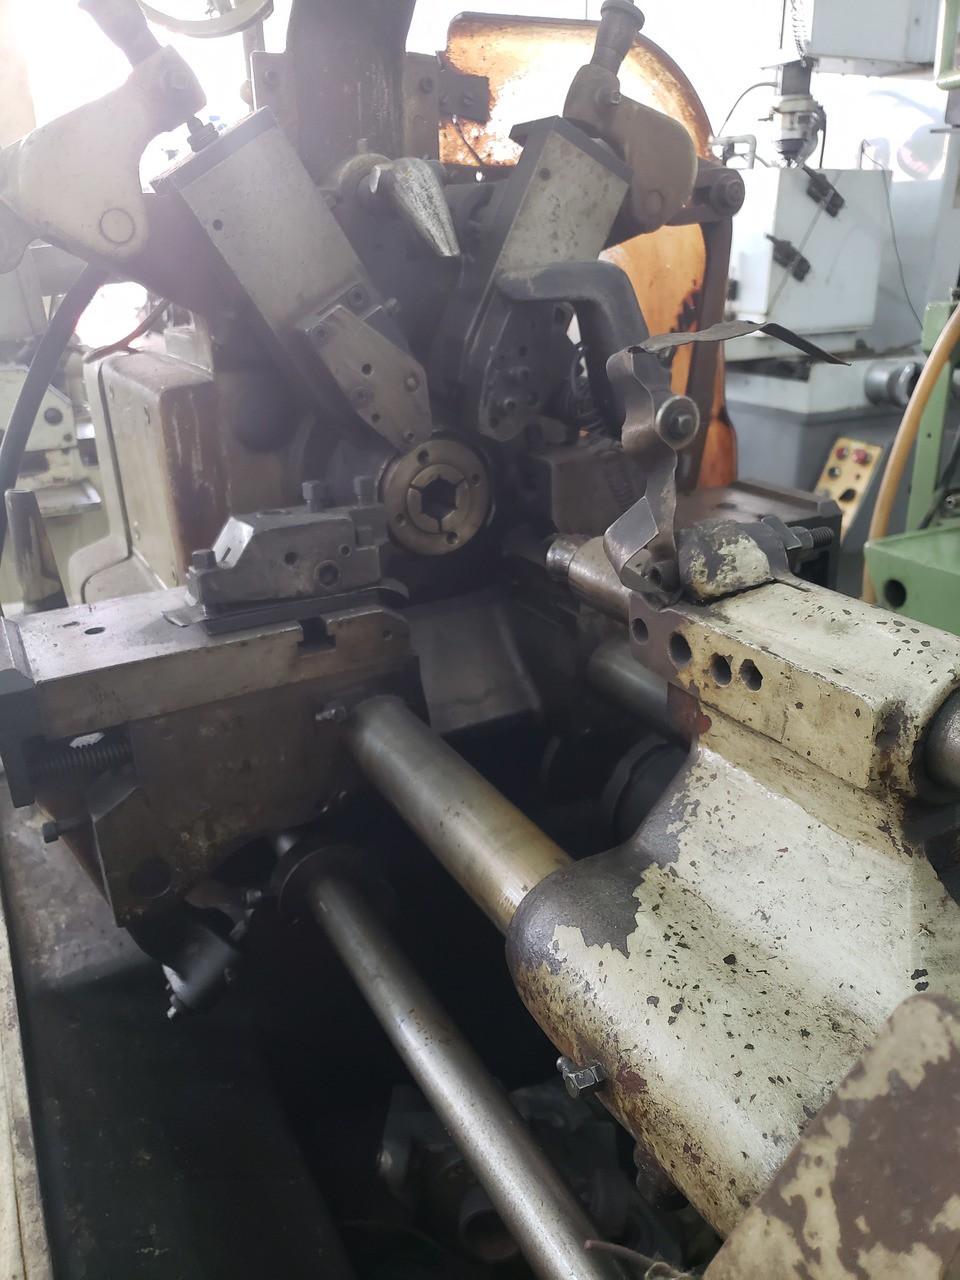 Torno Automatico Traub TB 42, Passagem 42mm, com alimentador, sem capas de acrilico - 220V - Semi Novo (Usado)  - Atlasmaq